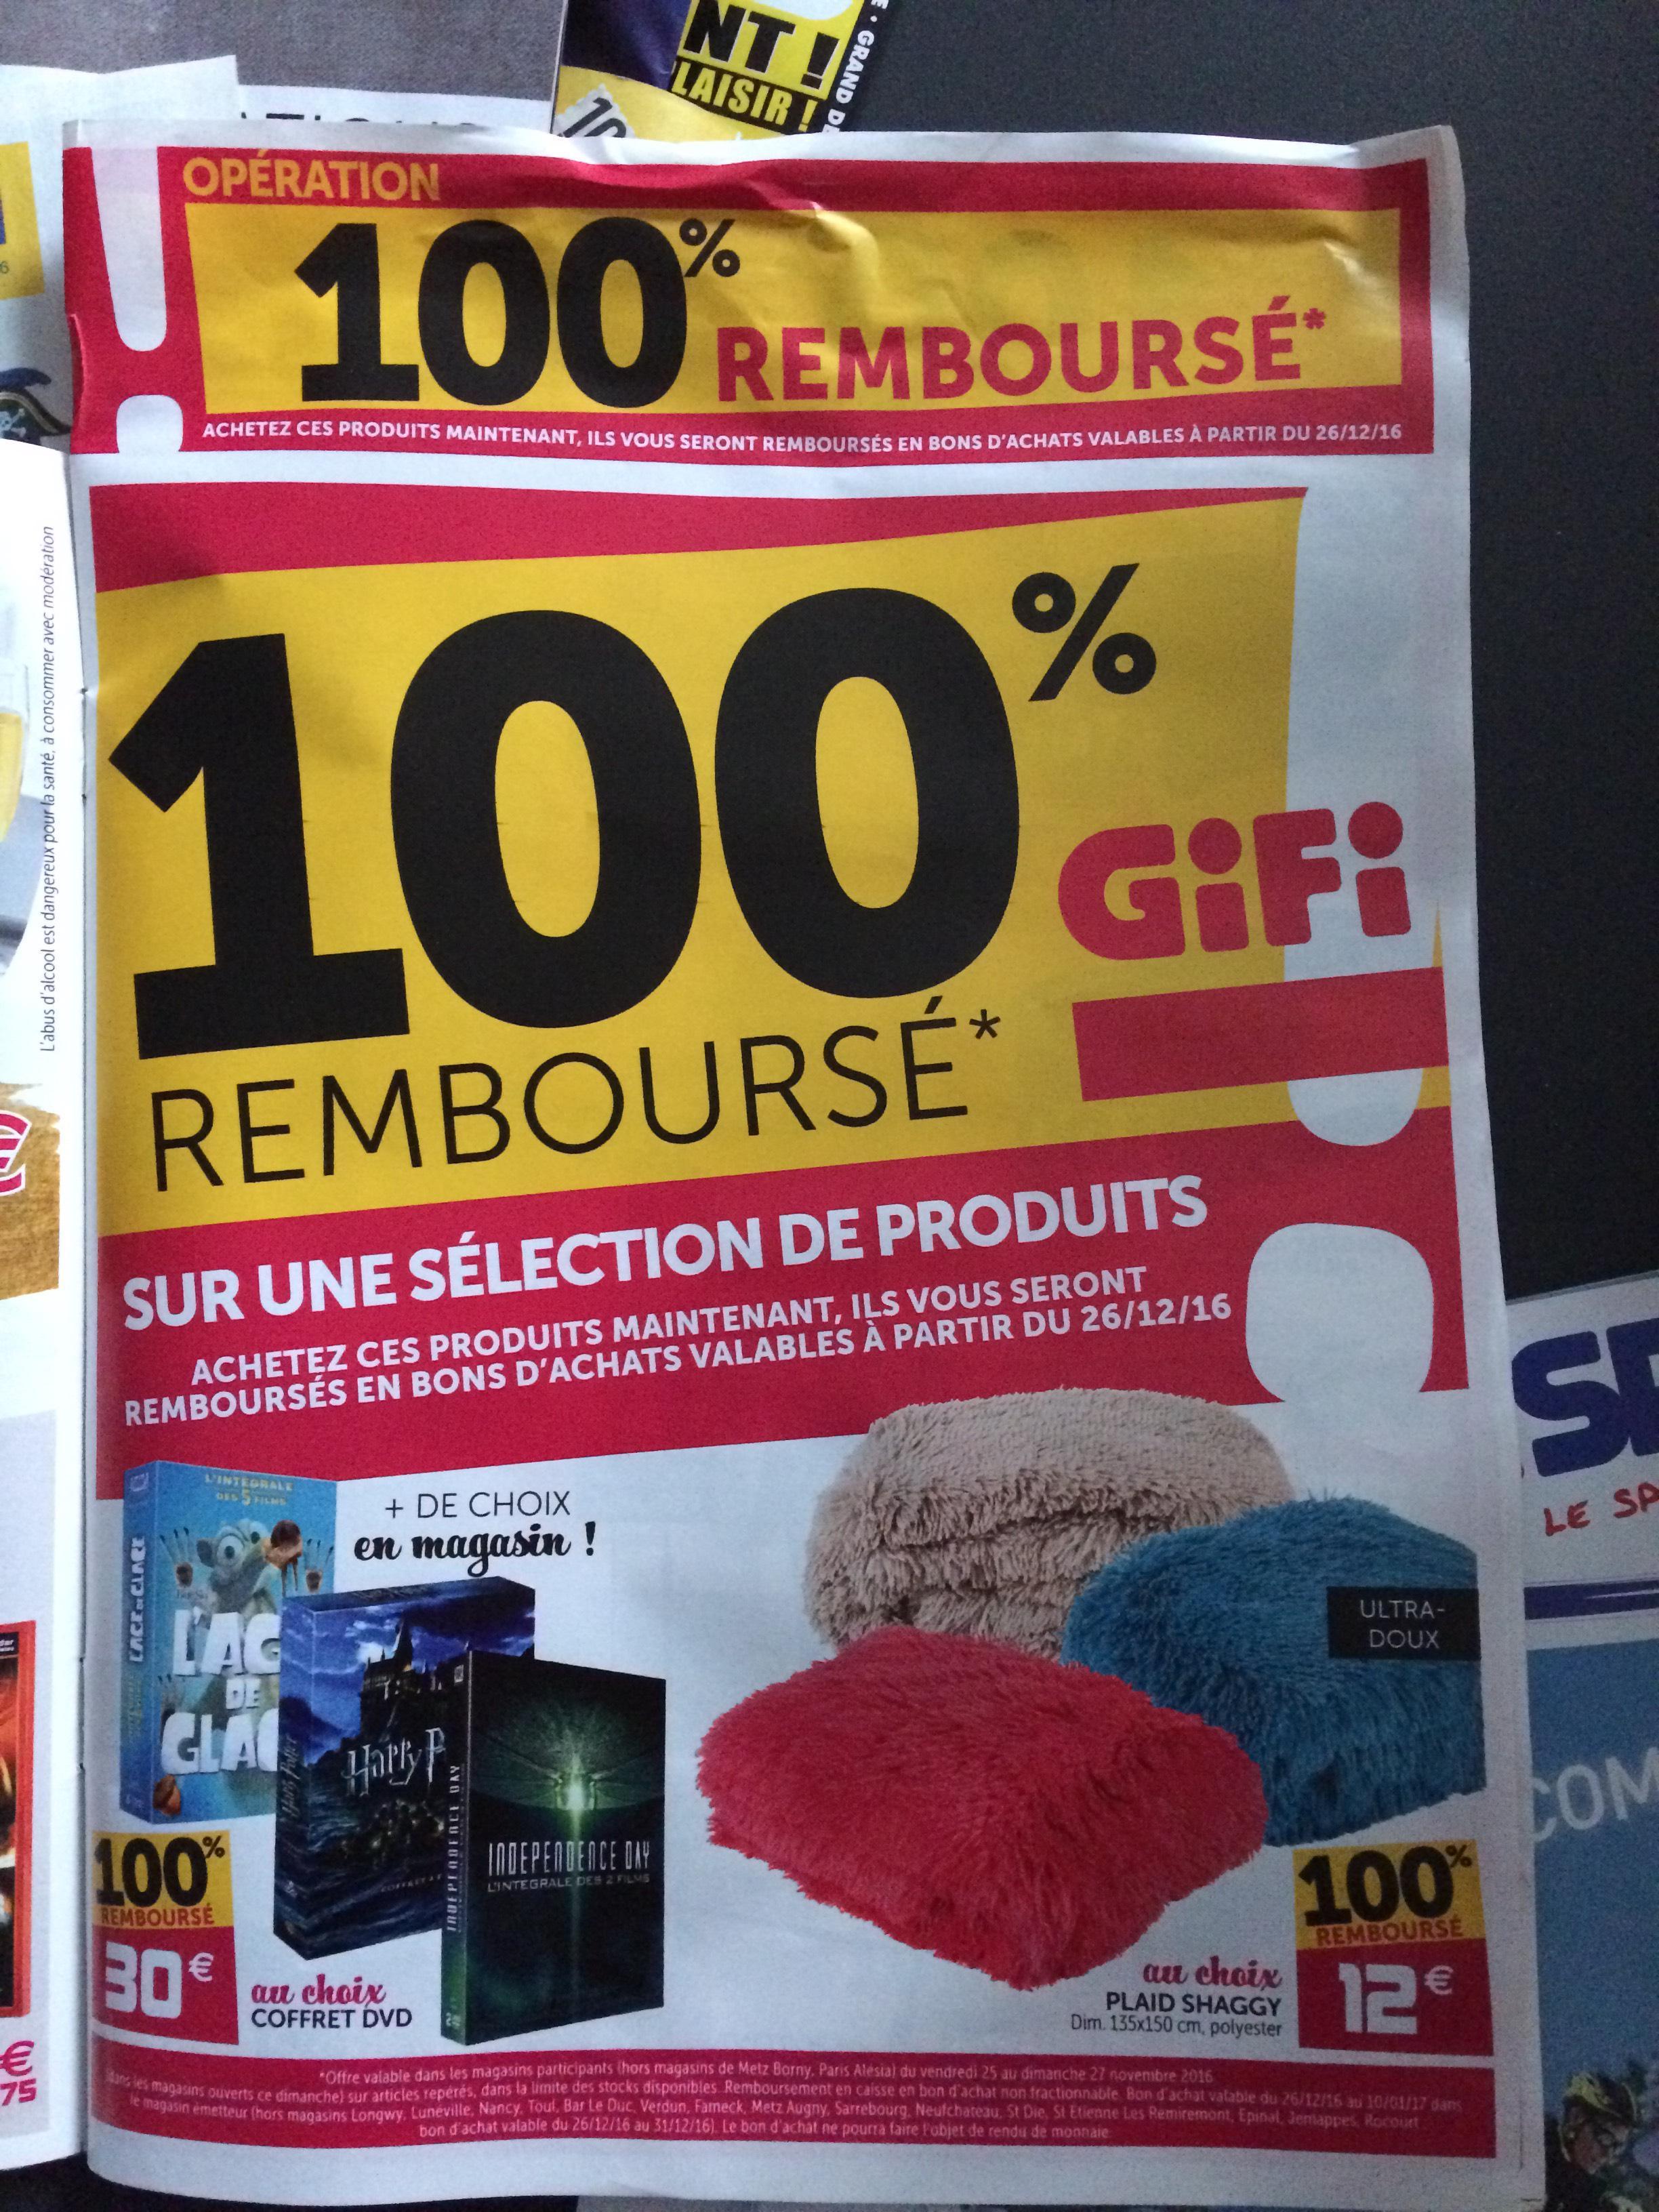 Sélection de produits 100% Remboursés en bons d'achat - Ex : Plaid Shaggy + 12€ en bon d'achat